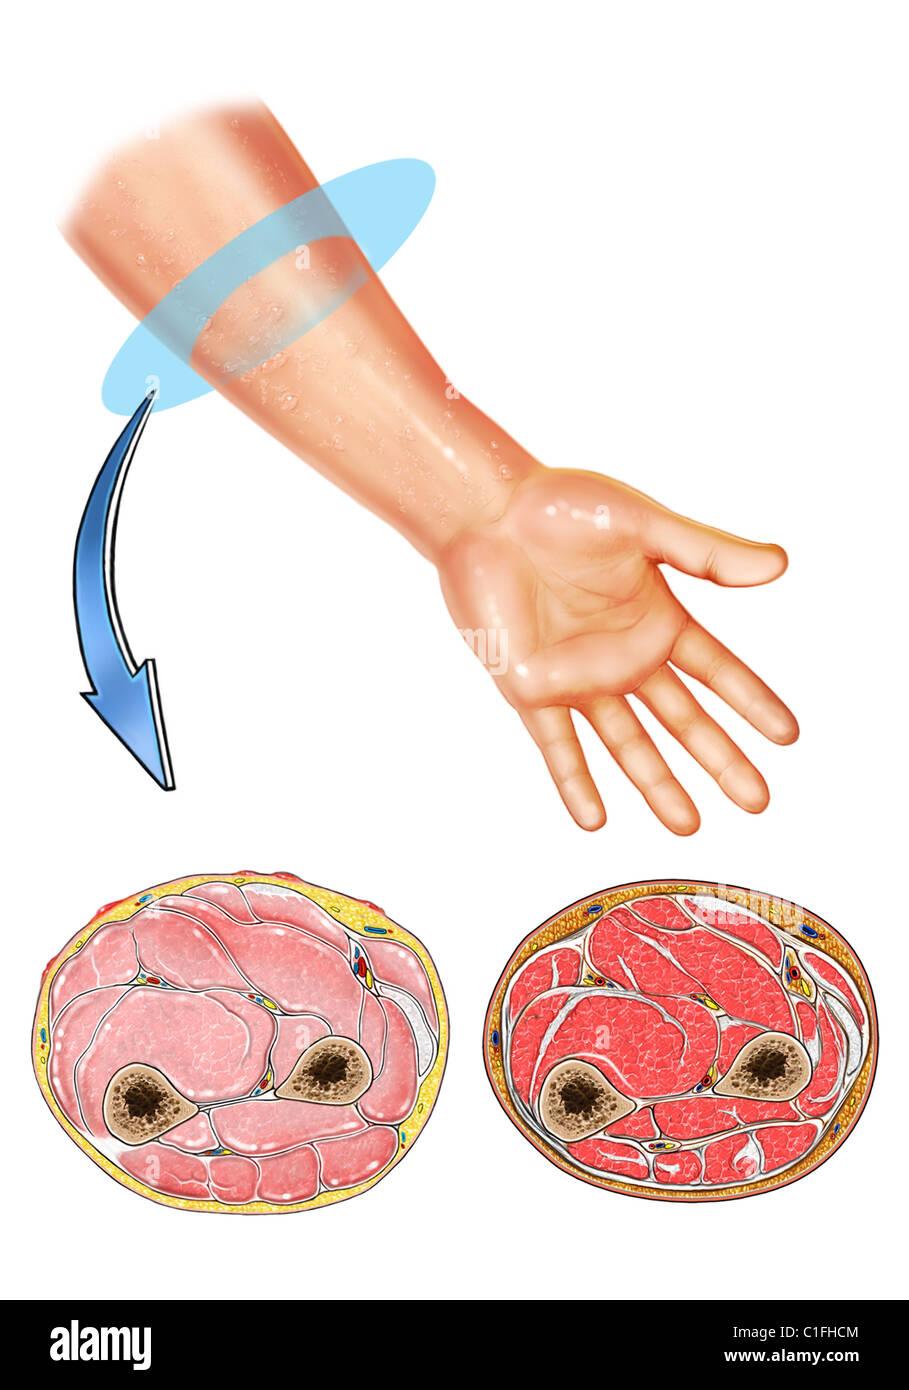 Diese medizinische Illustration zeigt die Muskeln des Unterarms. Cut ...